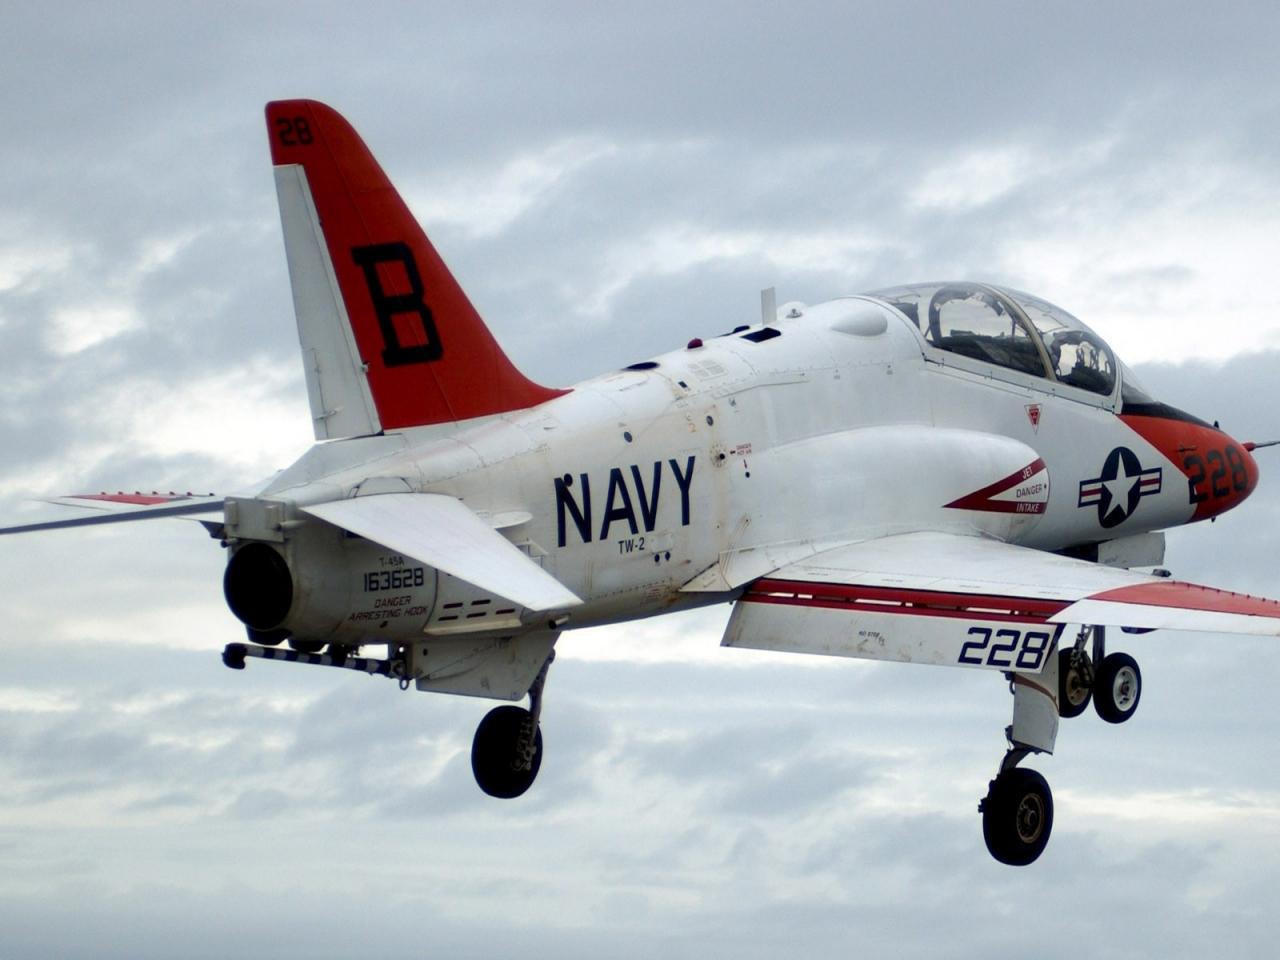 Un Avión de los Navy - 1280x960